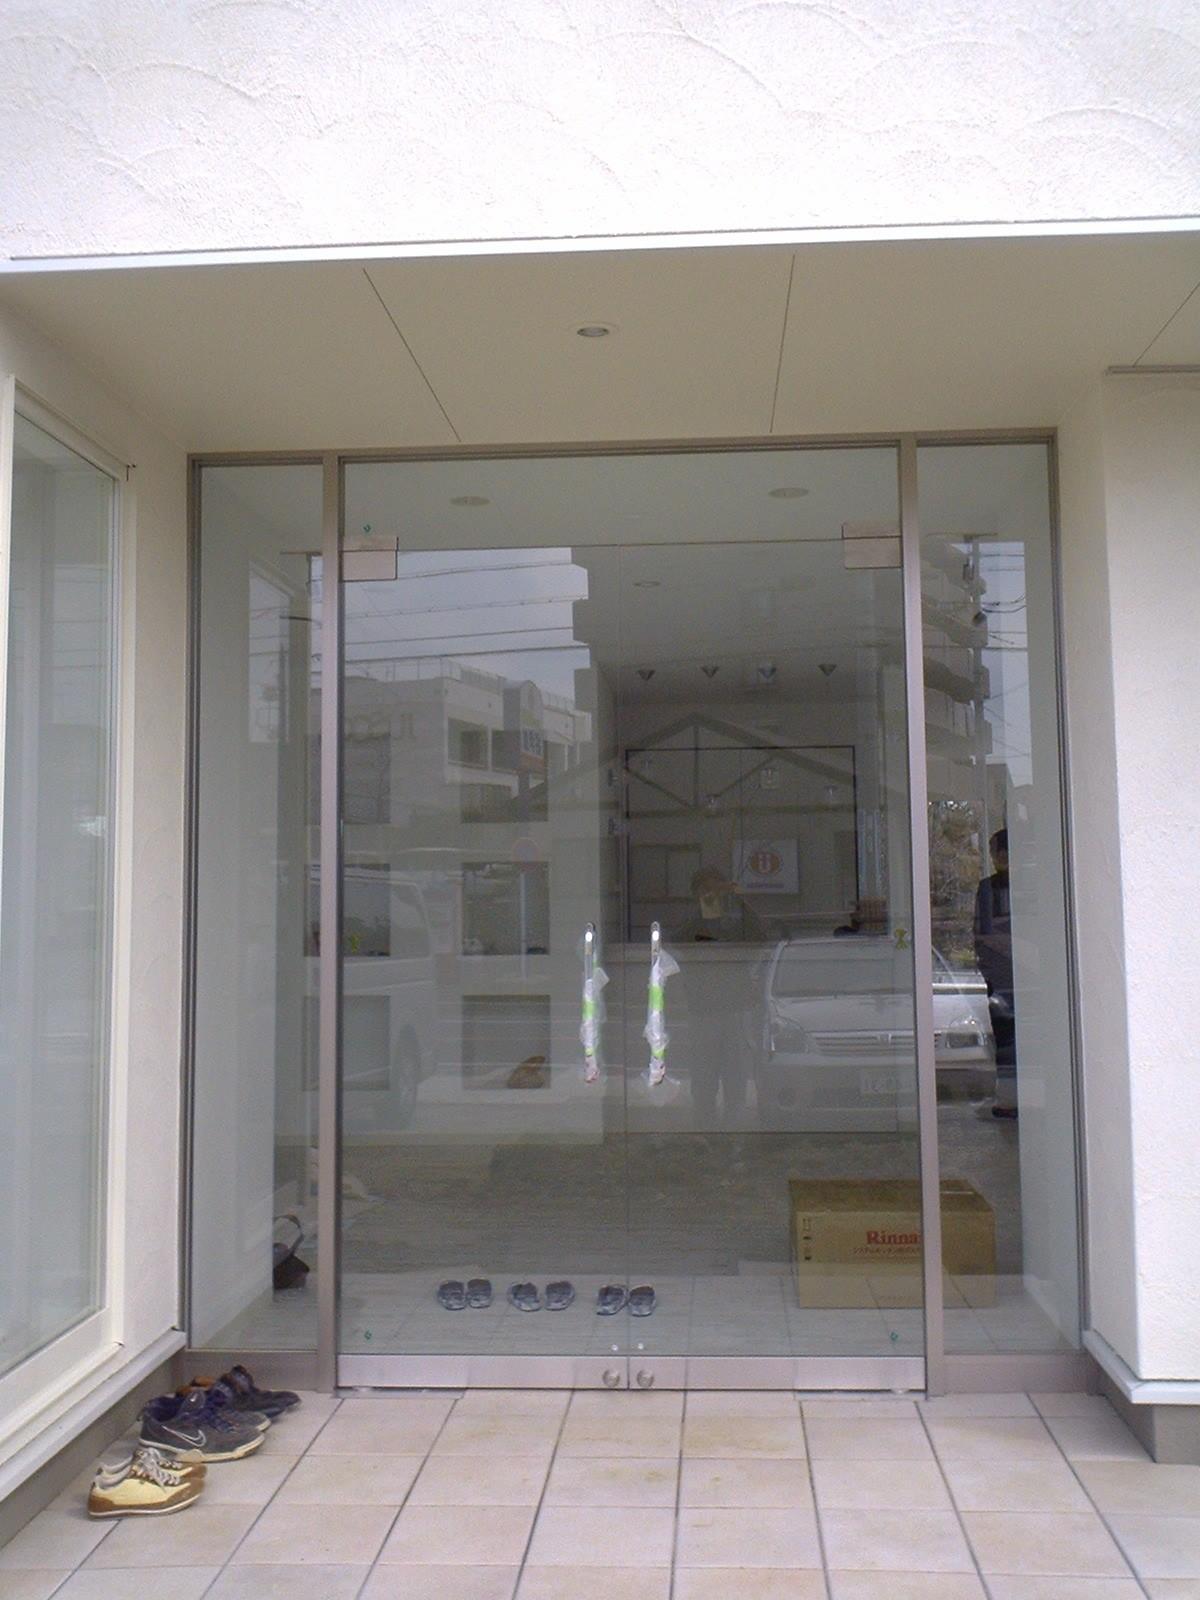 大府市 ホンダトーヨー 店舗の入口ファサード 2008/03/05